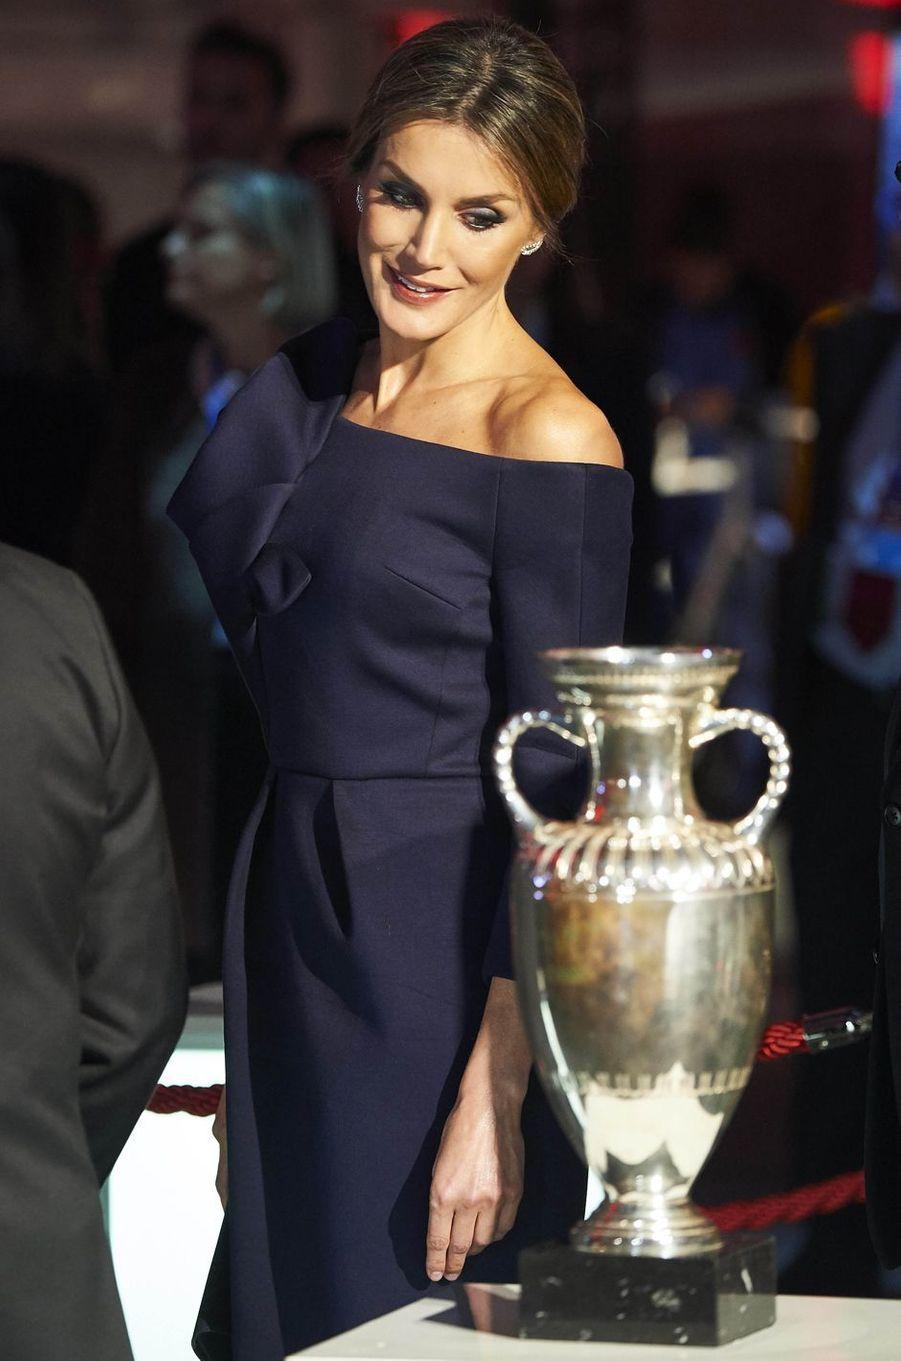 La reine Letizia d'Espagne en Delpozo à Madrid, le 4 décembre 2017